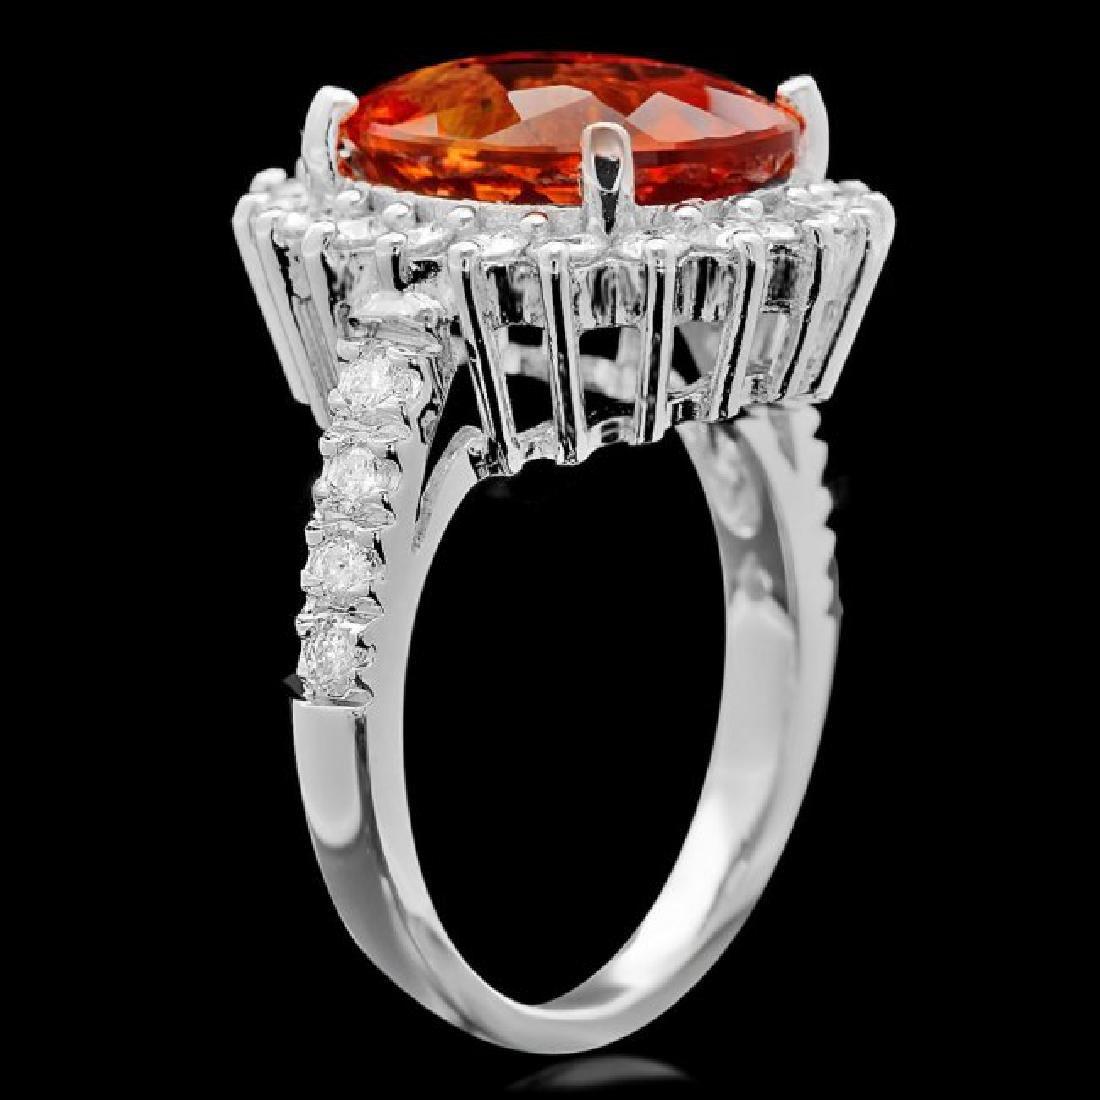 14k White Gold 5.00ct Citrine 1.05ct Diamond Ring - 3